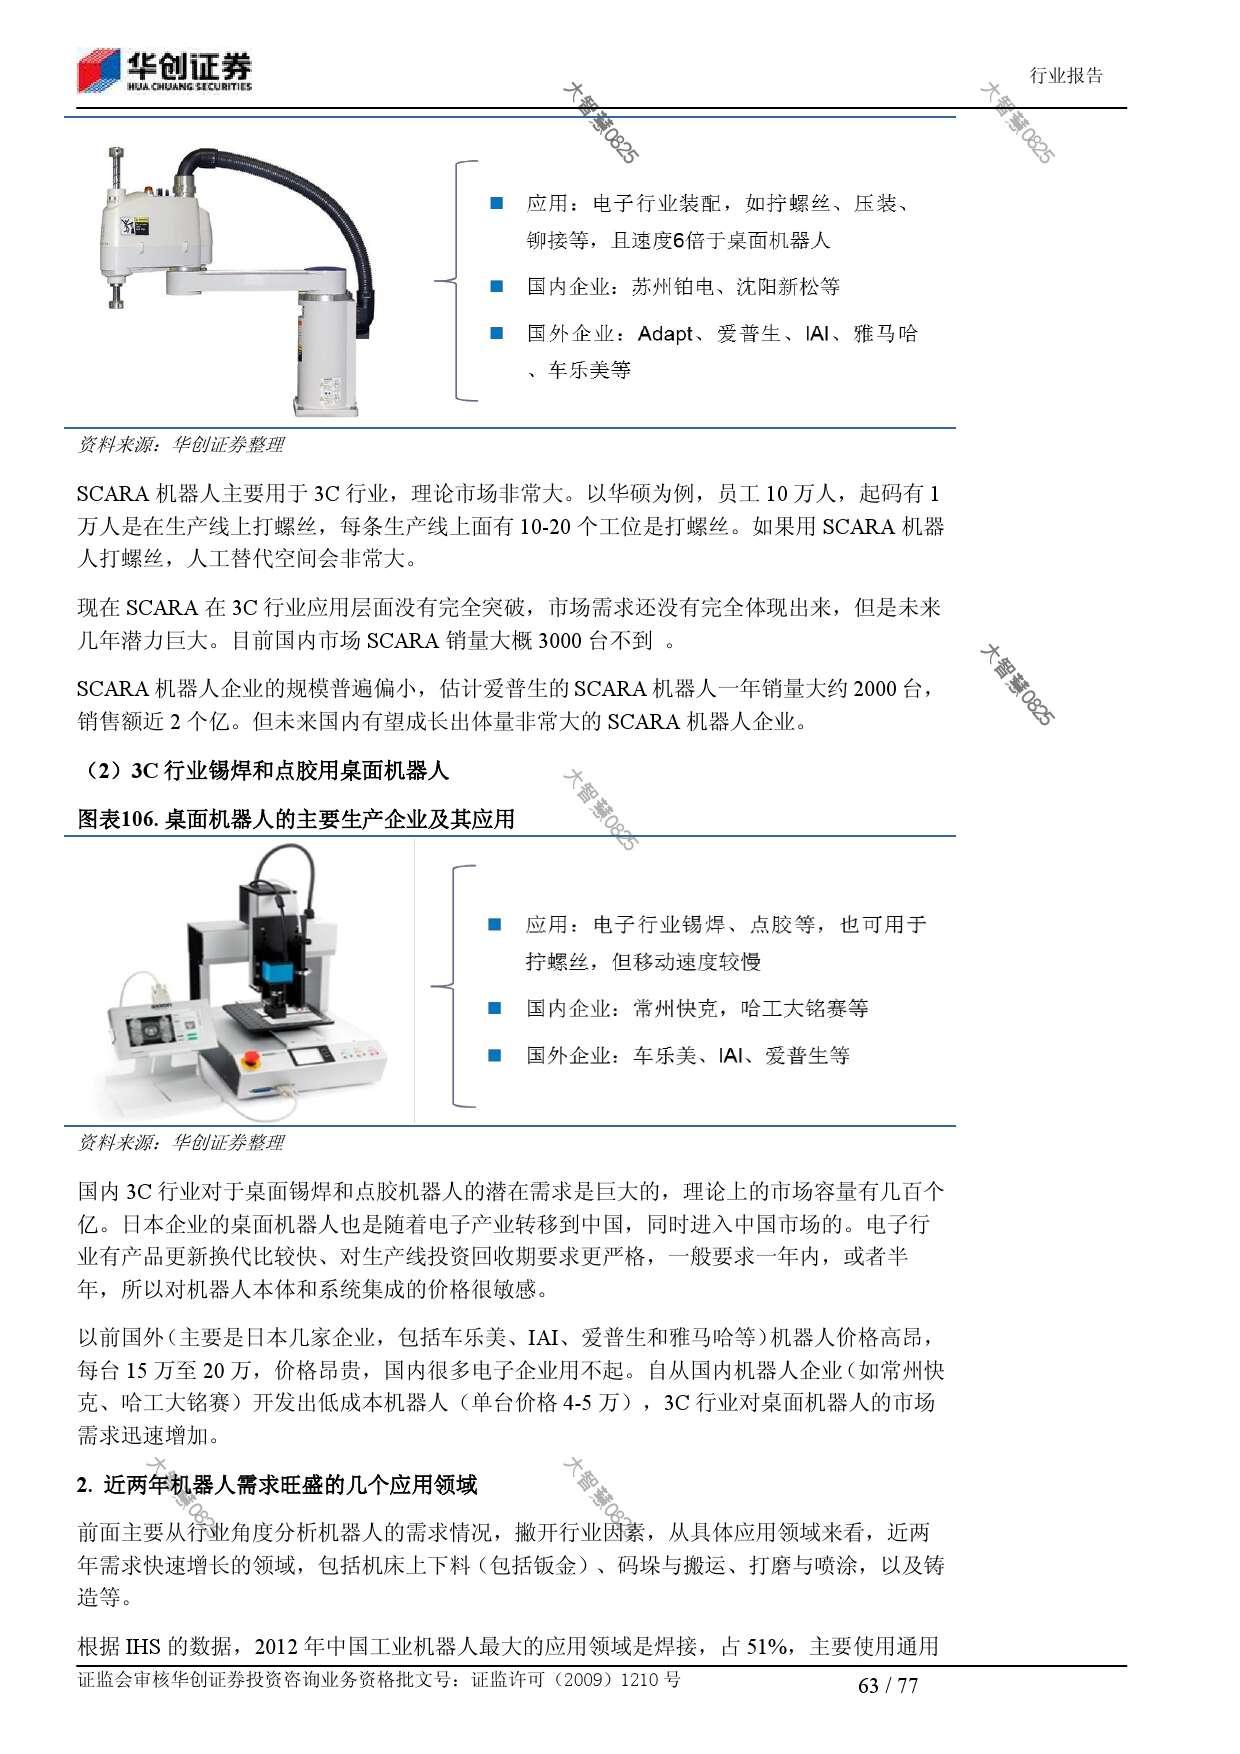 行业研究_华创证券_刘国清,鲁佩_机械设备:机器人大趋势_2014021_000063